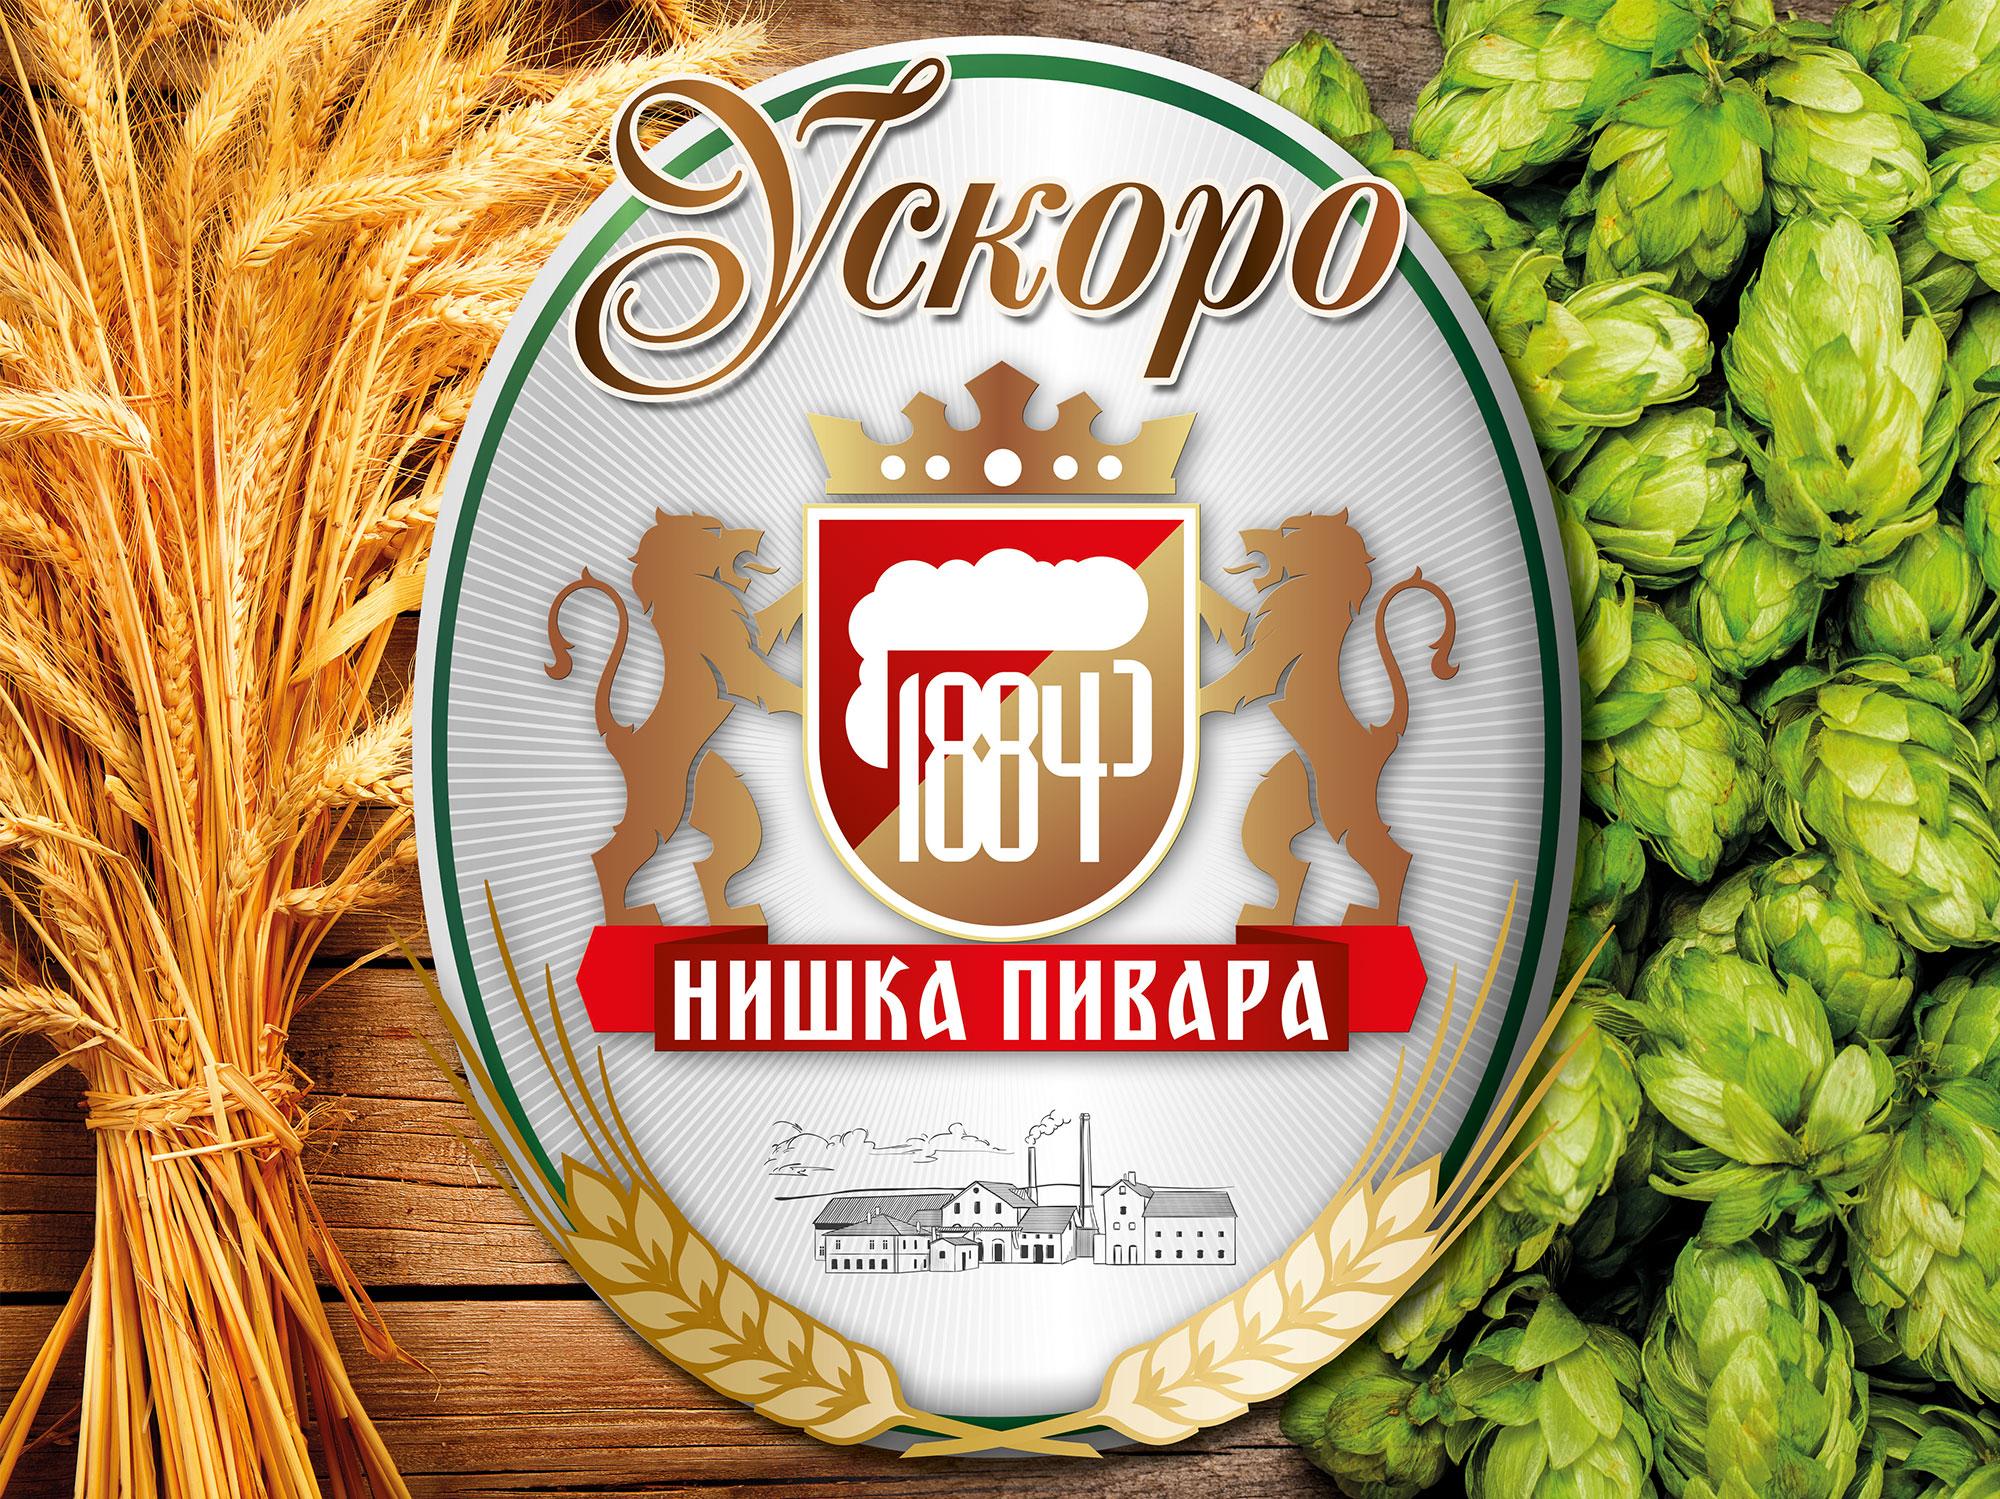 niska pivara proizvodi